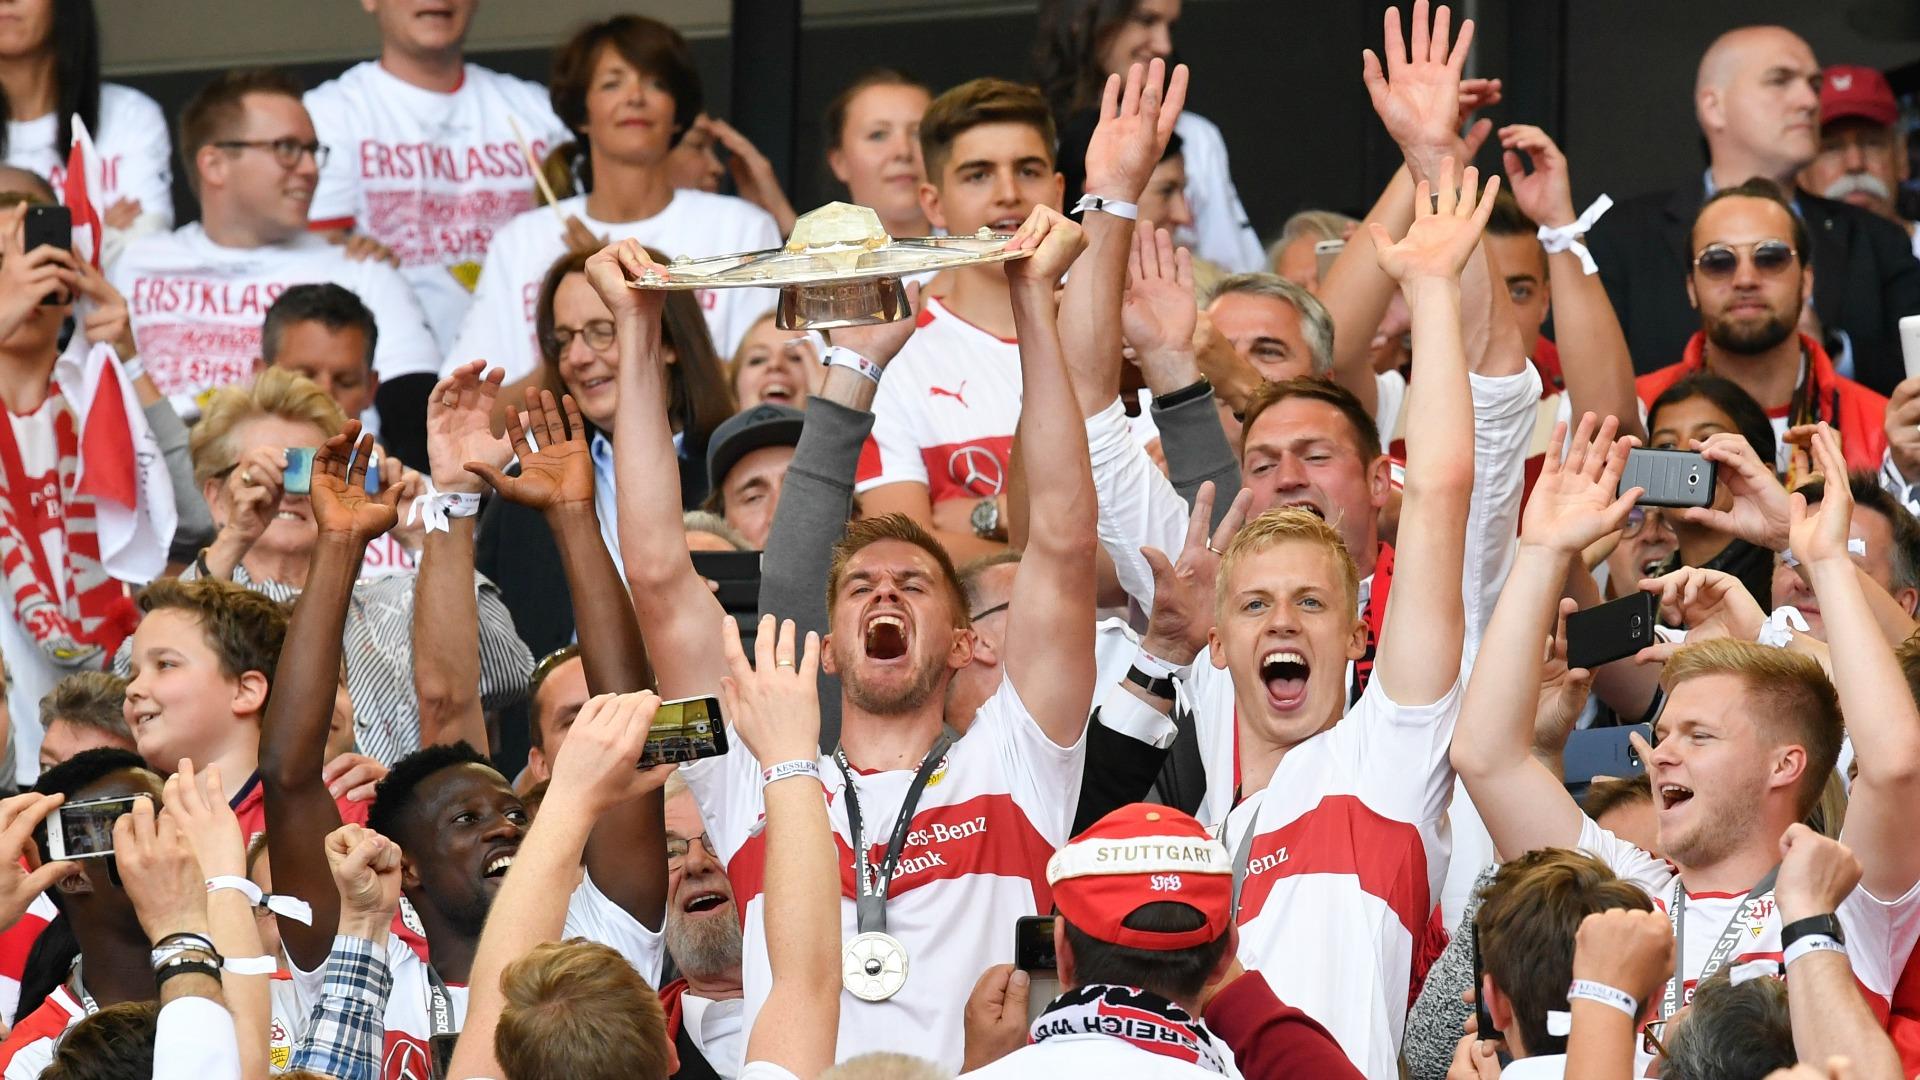 VfB Stuttgart darf Fußball-Abteilung in eine AG ausgliedern